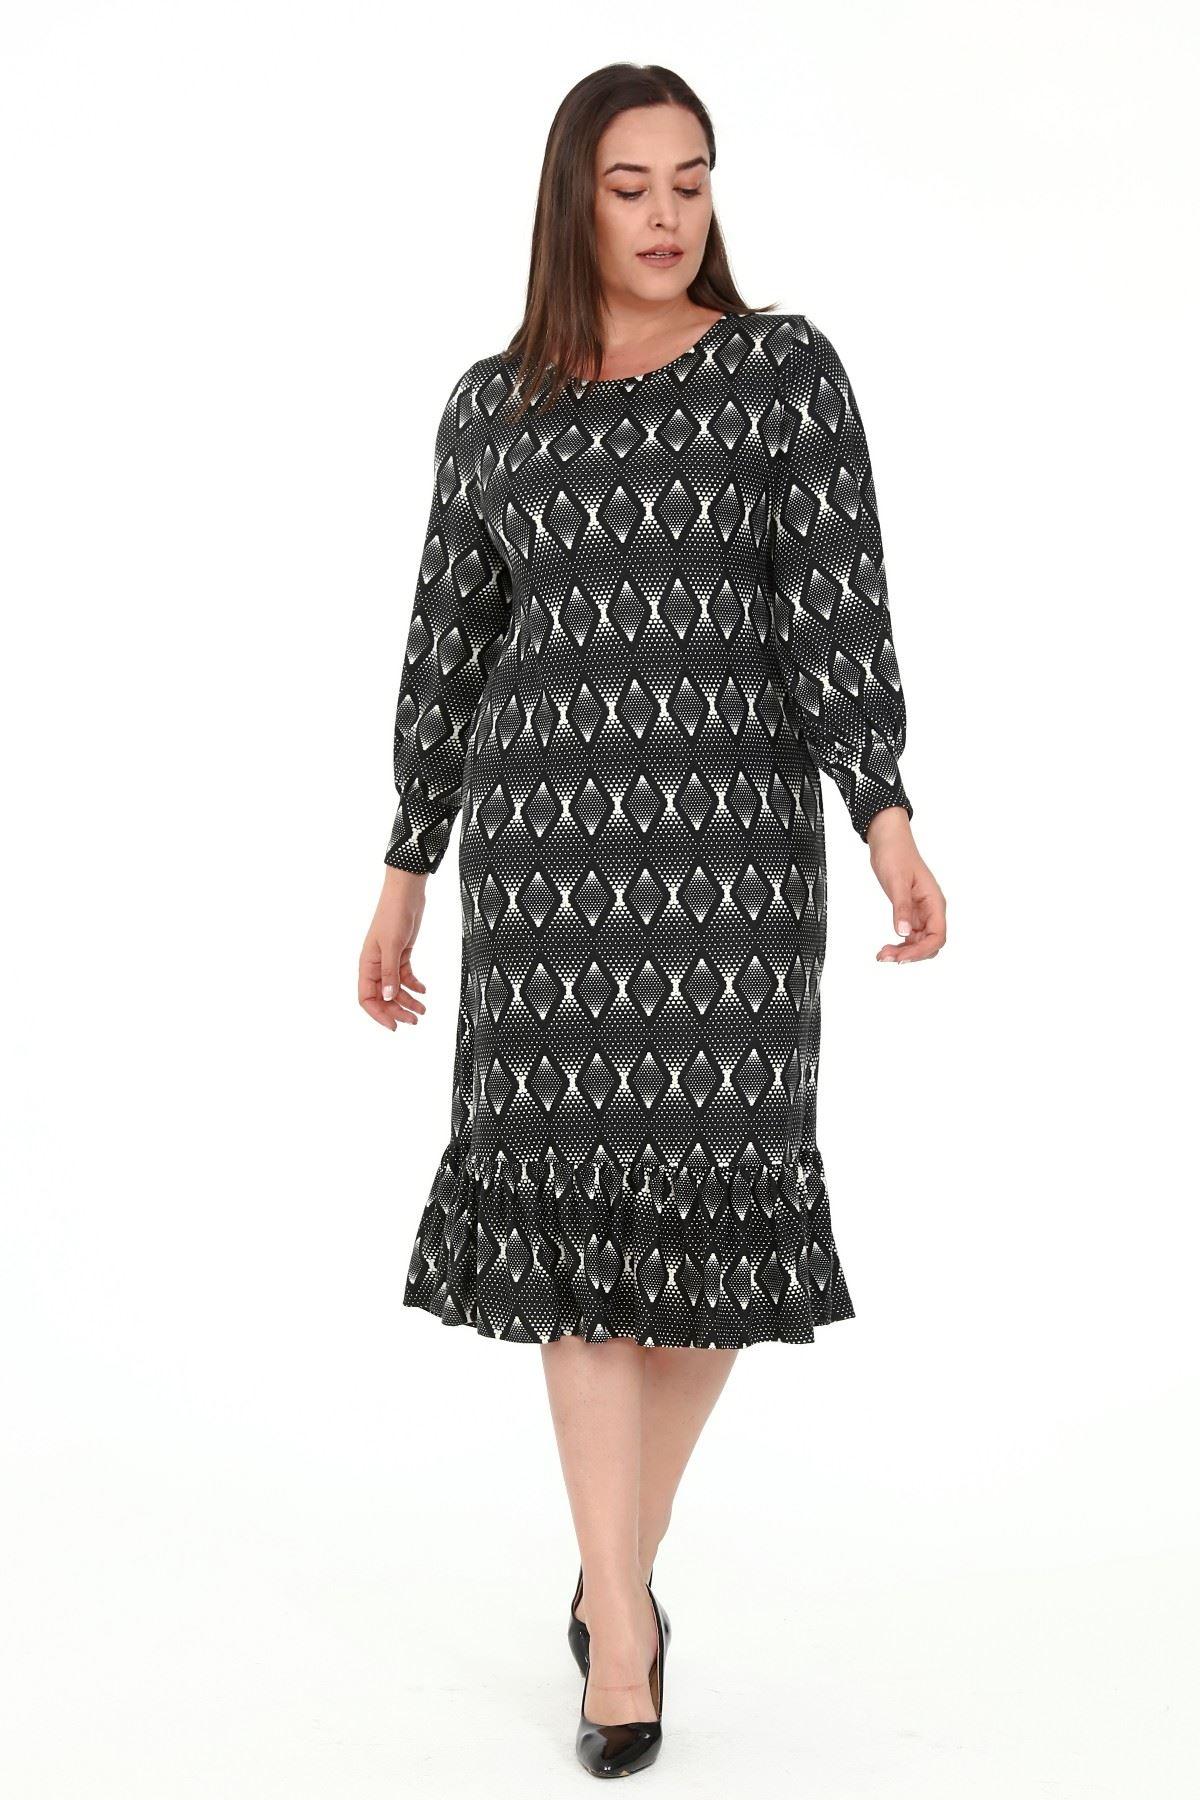 Eteği Fırfırlı Desenli Büyük Beden Elbise 5B-1914